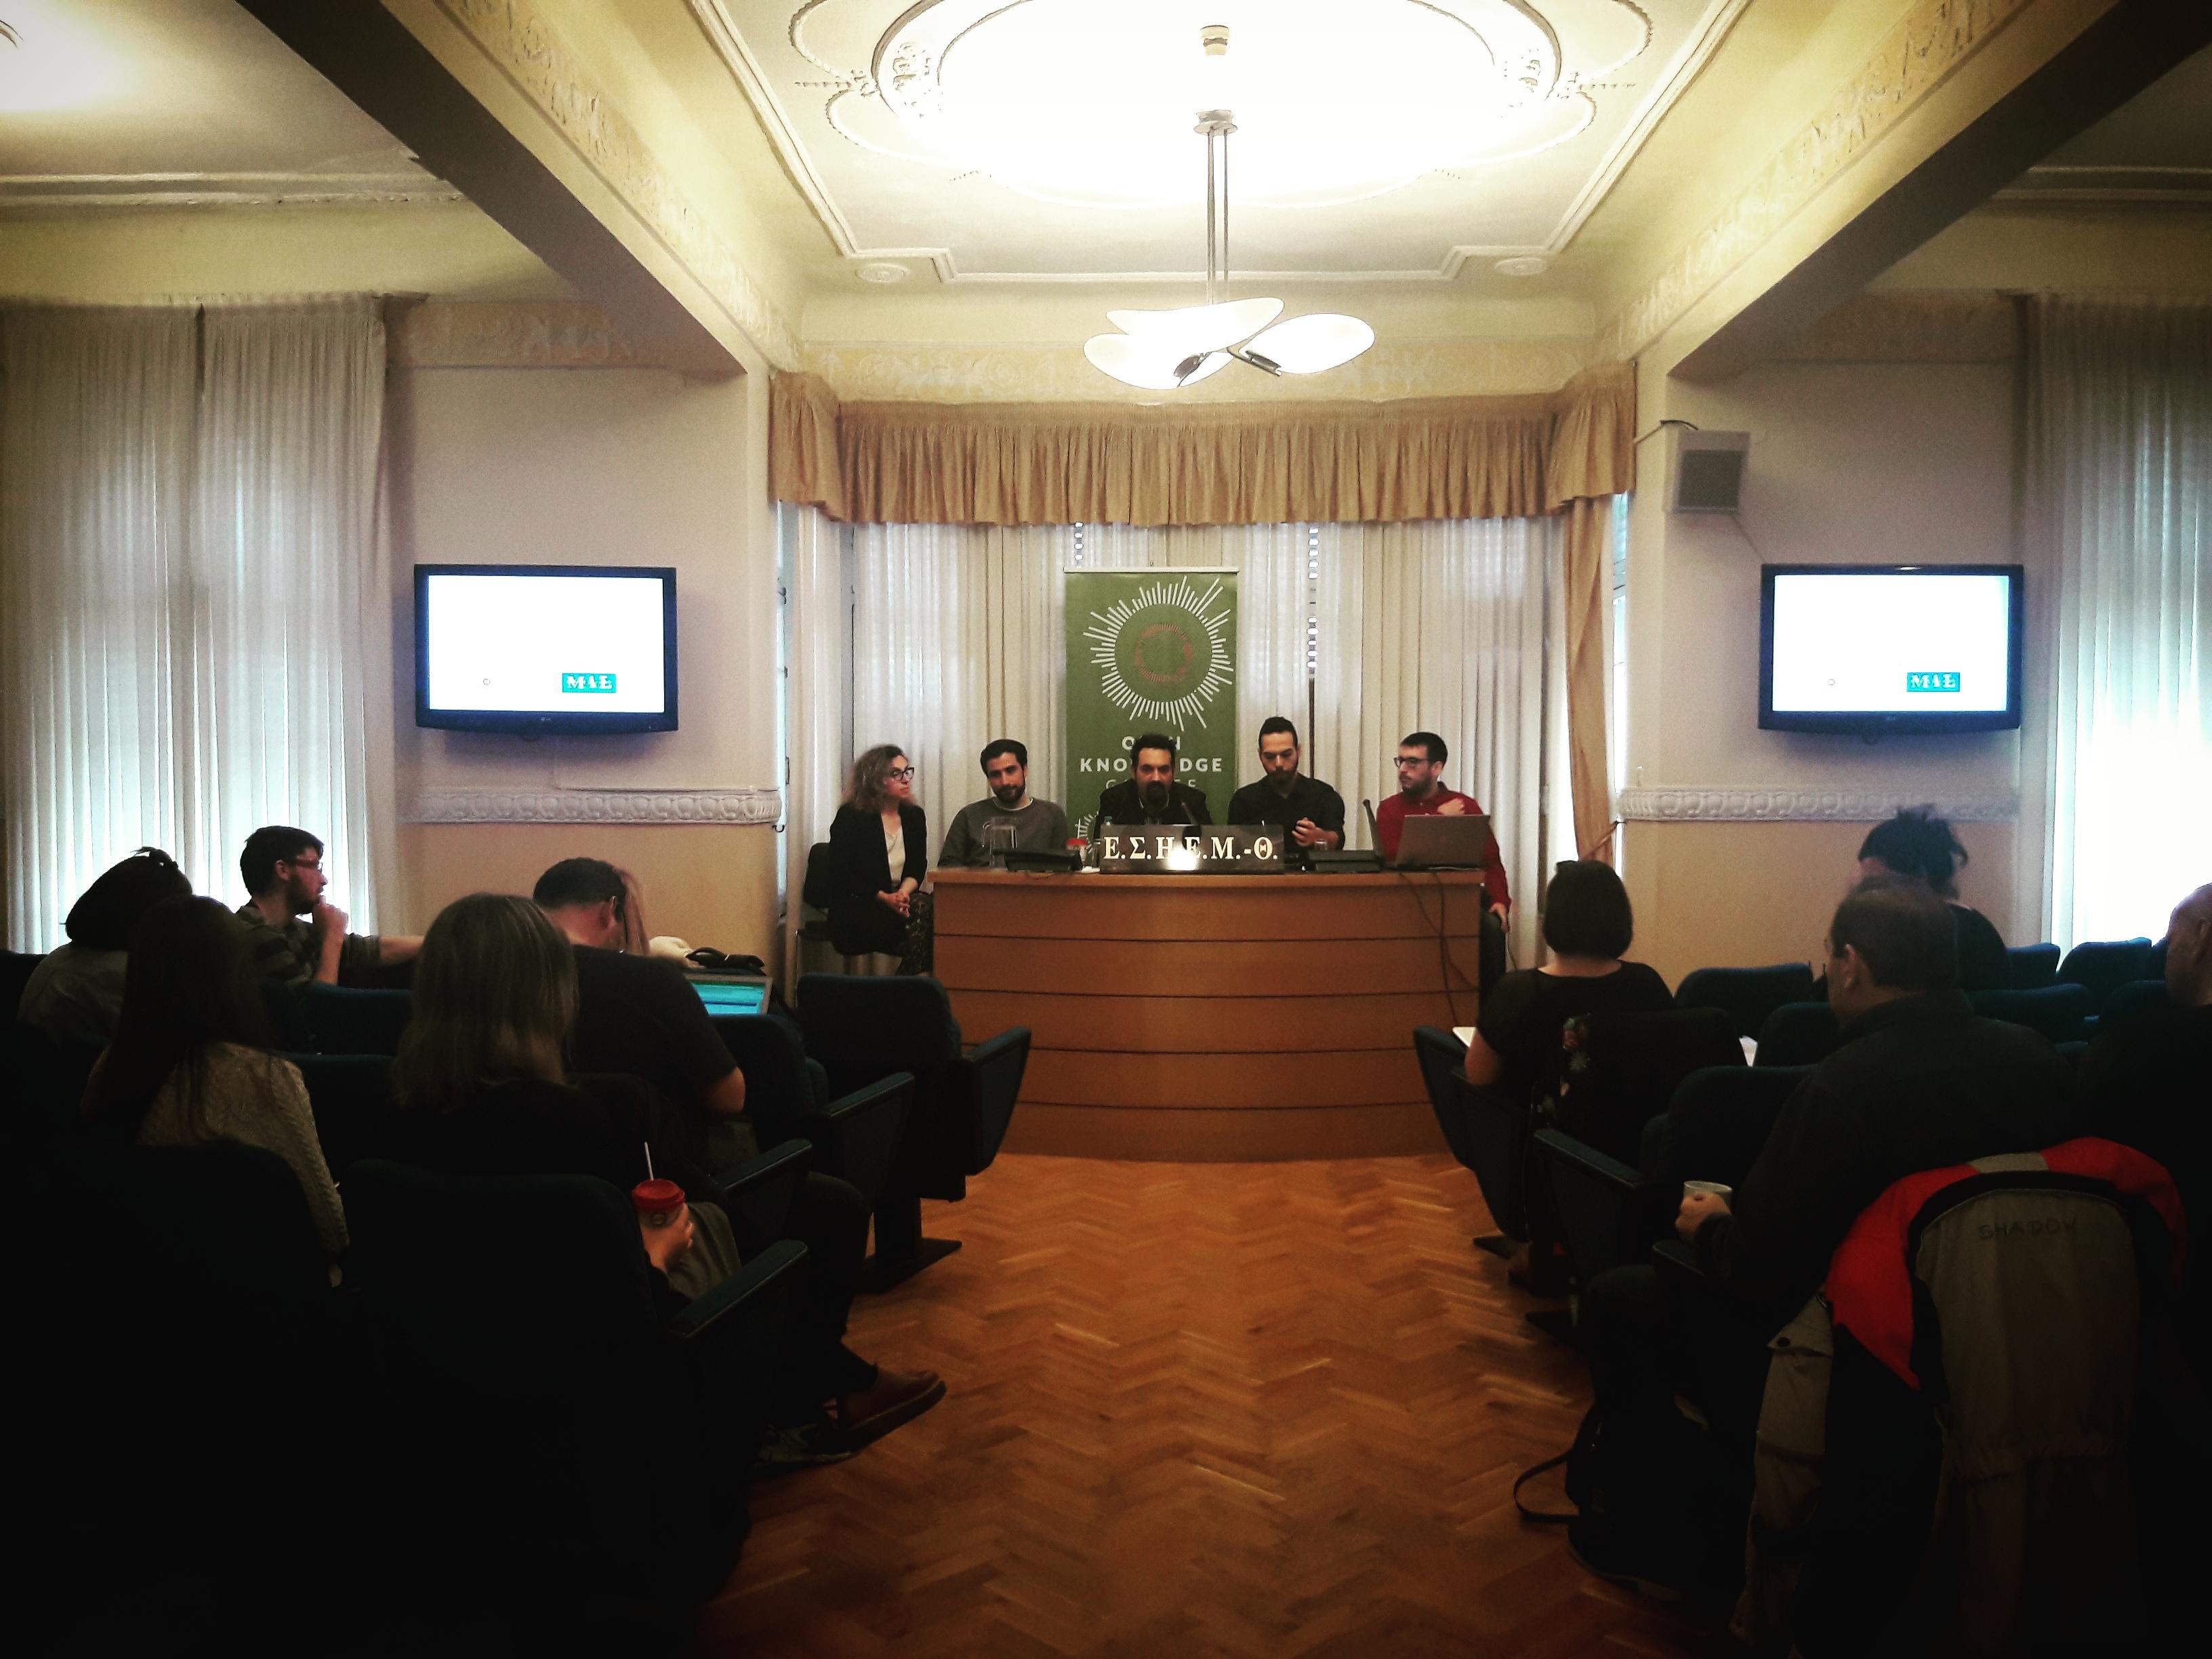 Ολοκληρώθηκε η πρώτη μέρα του εργαστηρίου δημοσιογραφίας δεδομένων- Red Flags σε ΕΣΠΑ